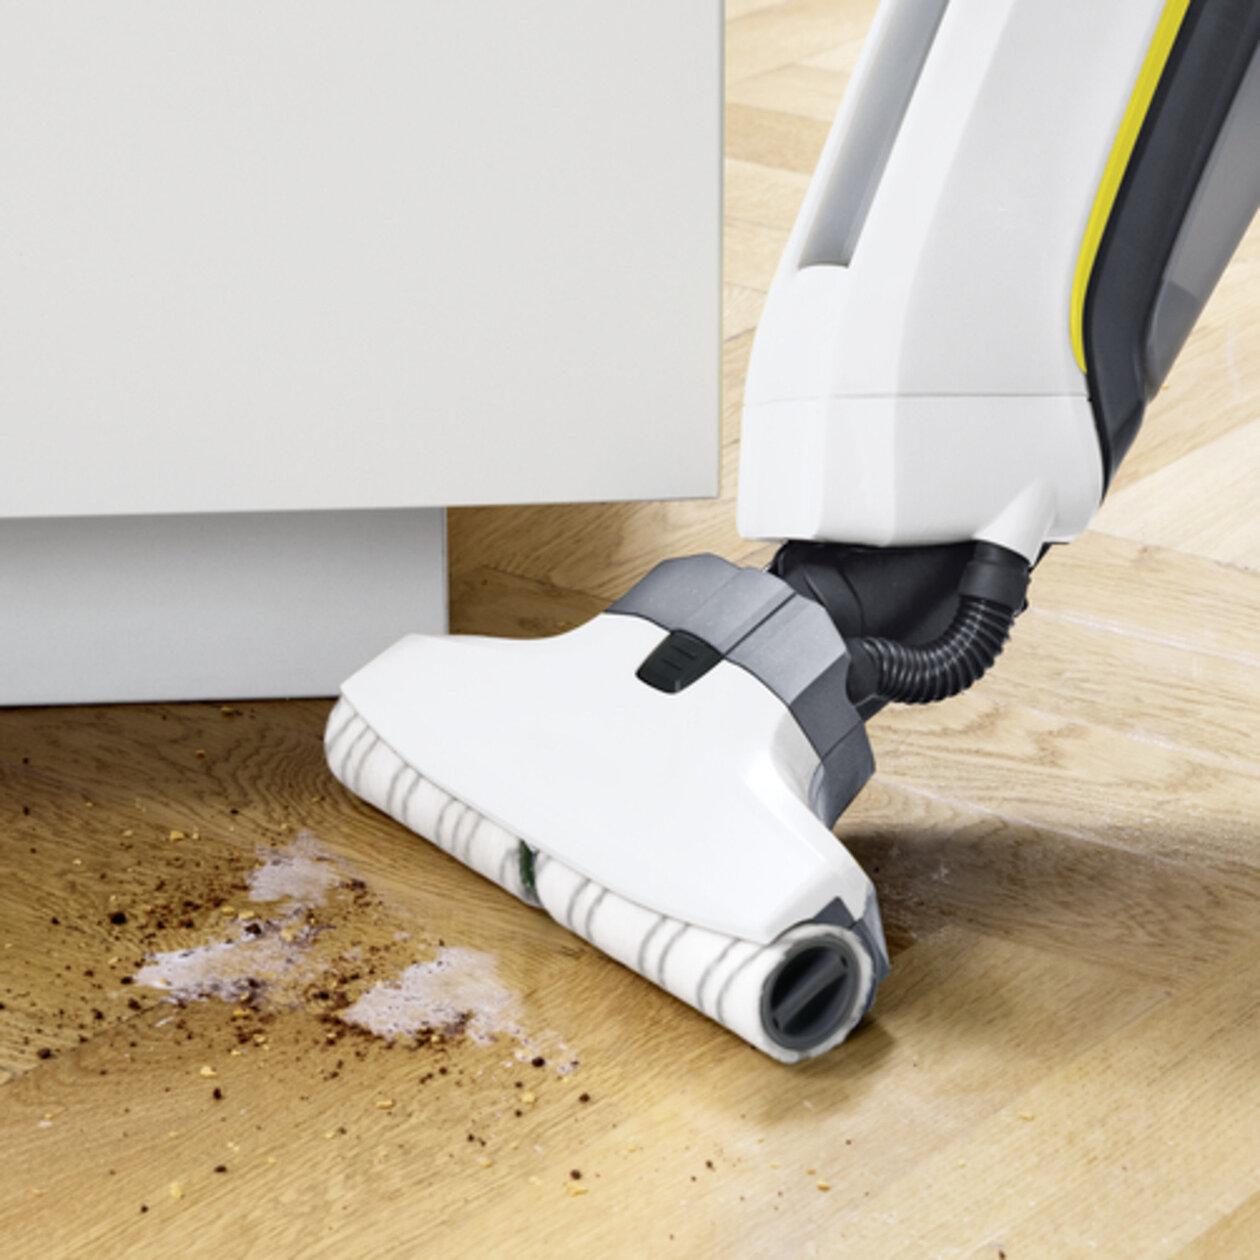 Поломойная машина для дома FC 5 Cordless Premium: Удаляет пыль и жидкость с твердых полов.